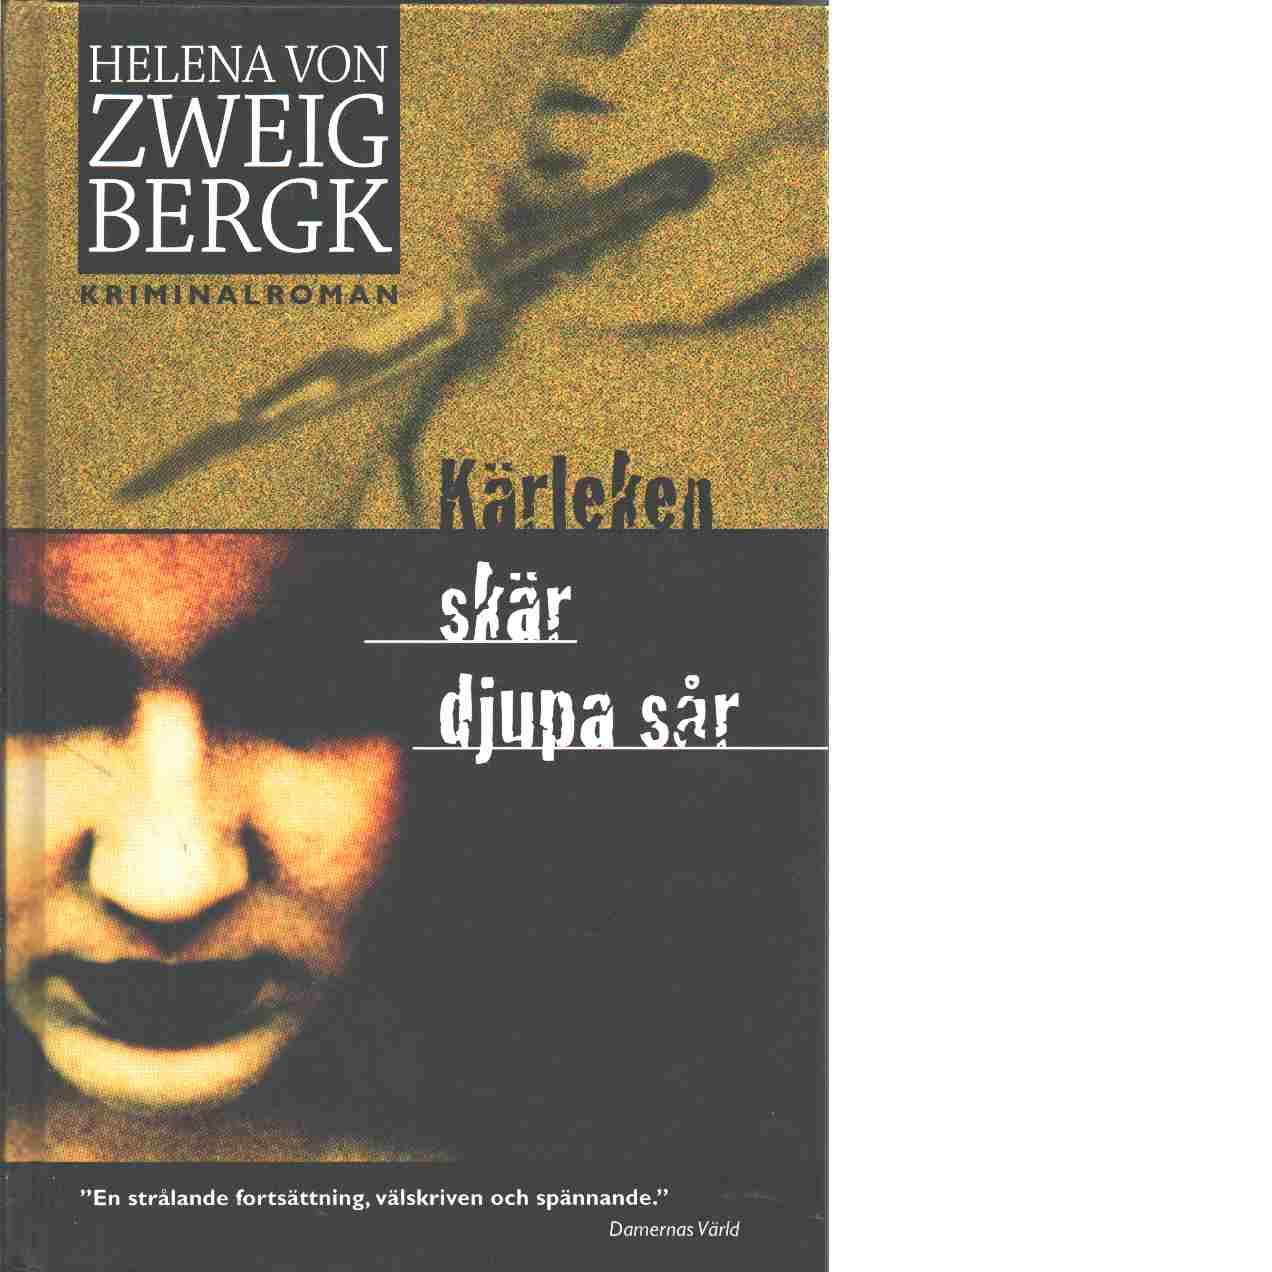 Kärleken skär djupa sår - Zweigbergk, von Helena